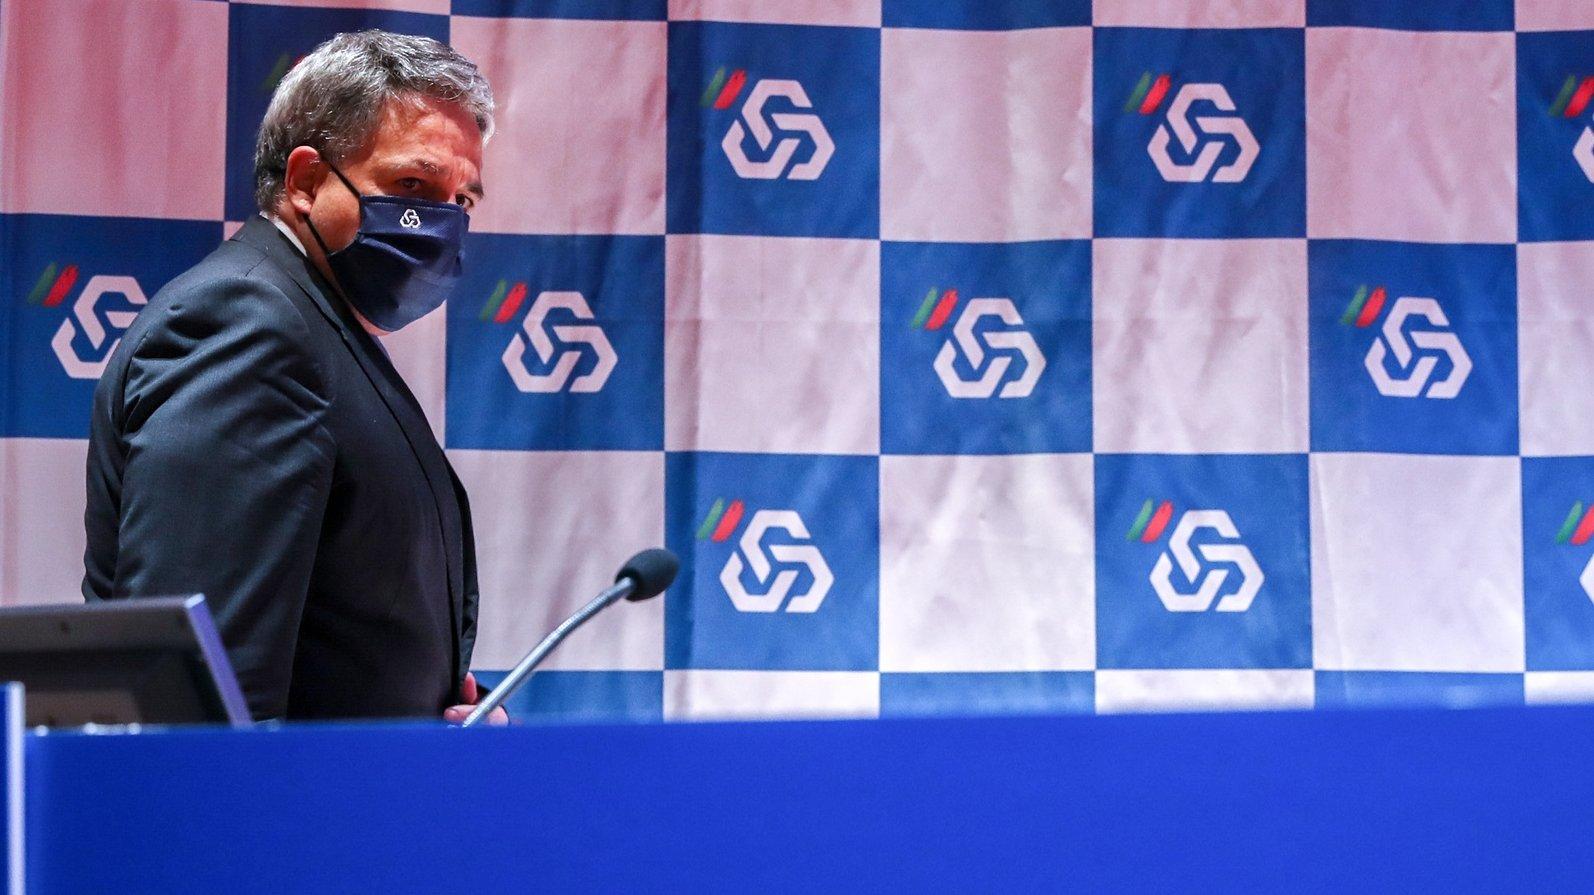 O presidente da Comissão Executiva da Caixa Geral de Depósitos, S.A., Paulo Macedo, durante a apresentação de resultados do 3.º trimestre 2020, na sede da CGD, em Lisboa, 05 de novembro de 2020. MANUEL DE ALMEIDA/LUSA